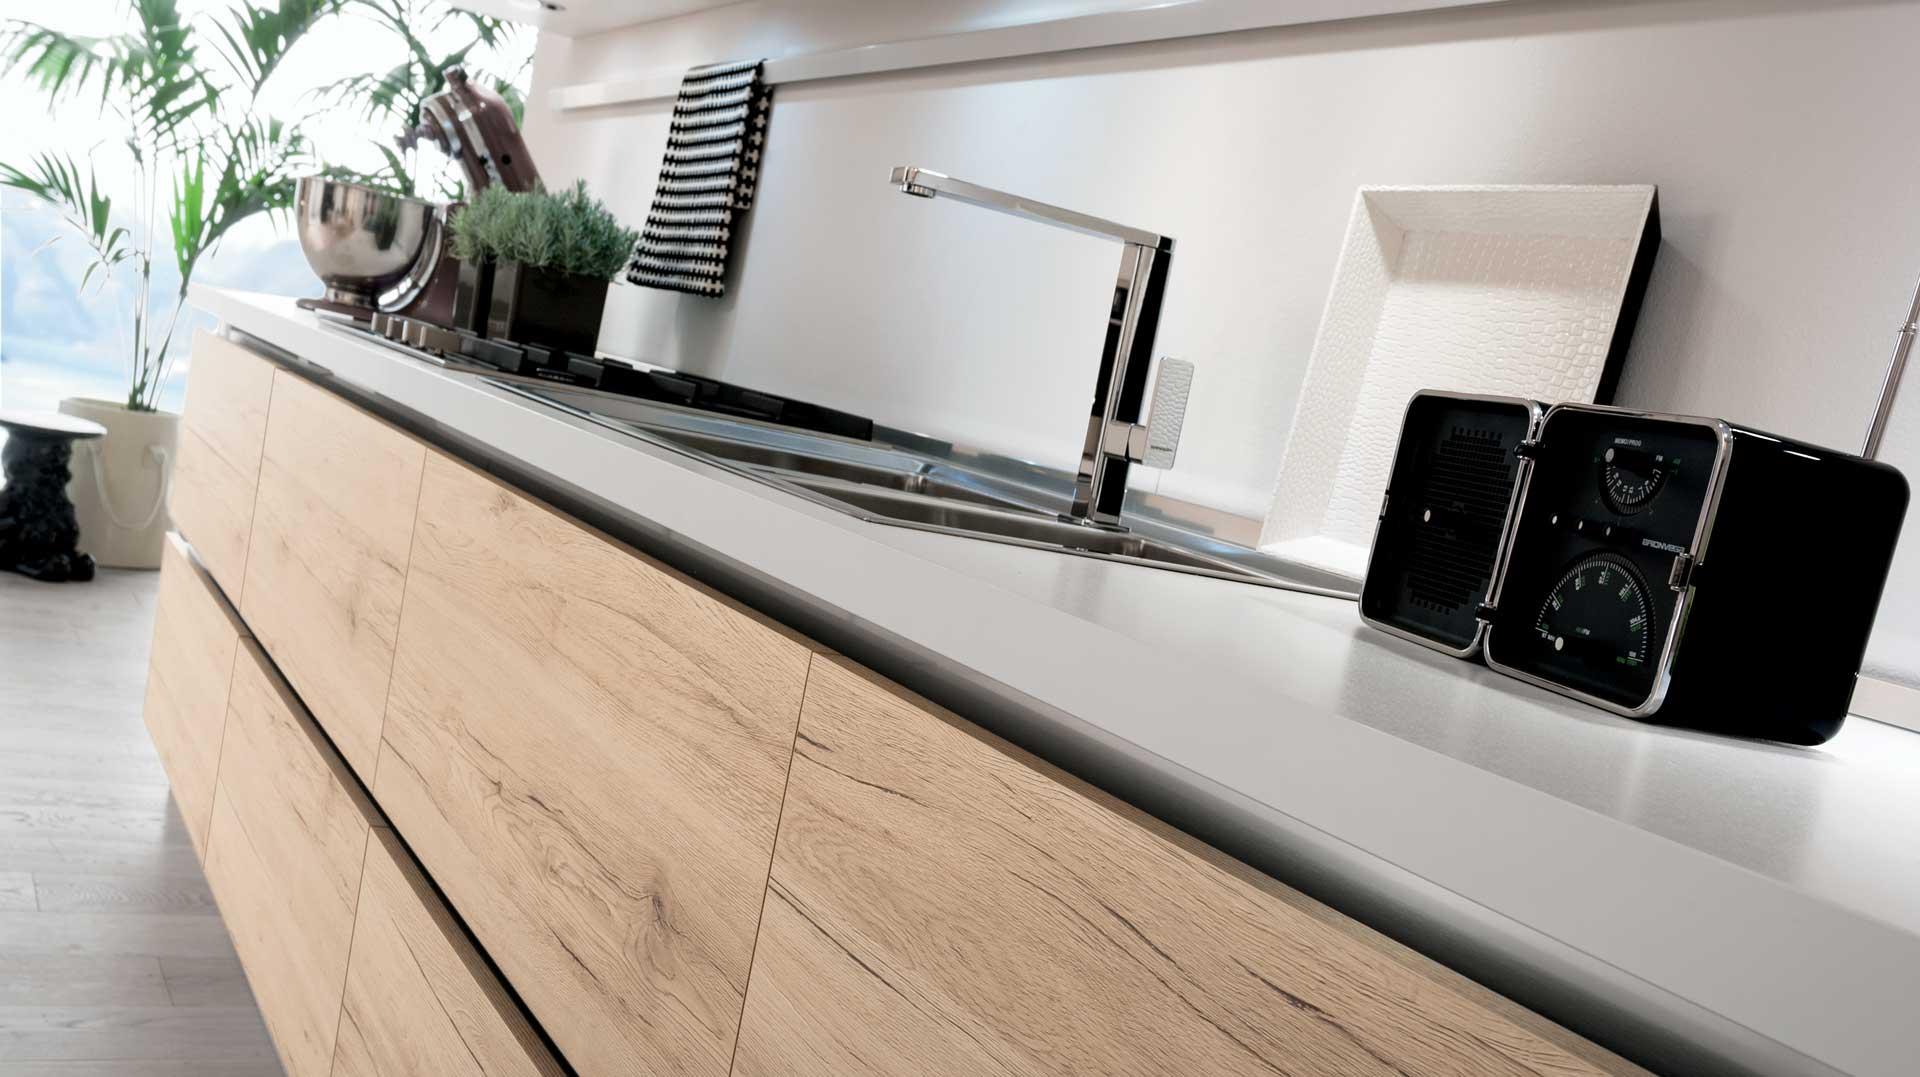 Cucina moderna oslo ante e finiture in rovere gicinque - Cucine in rovere ...